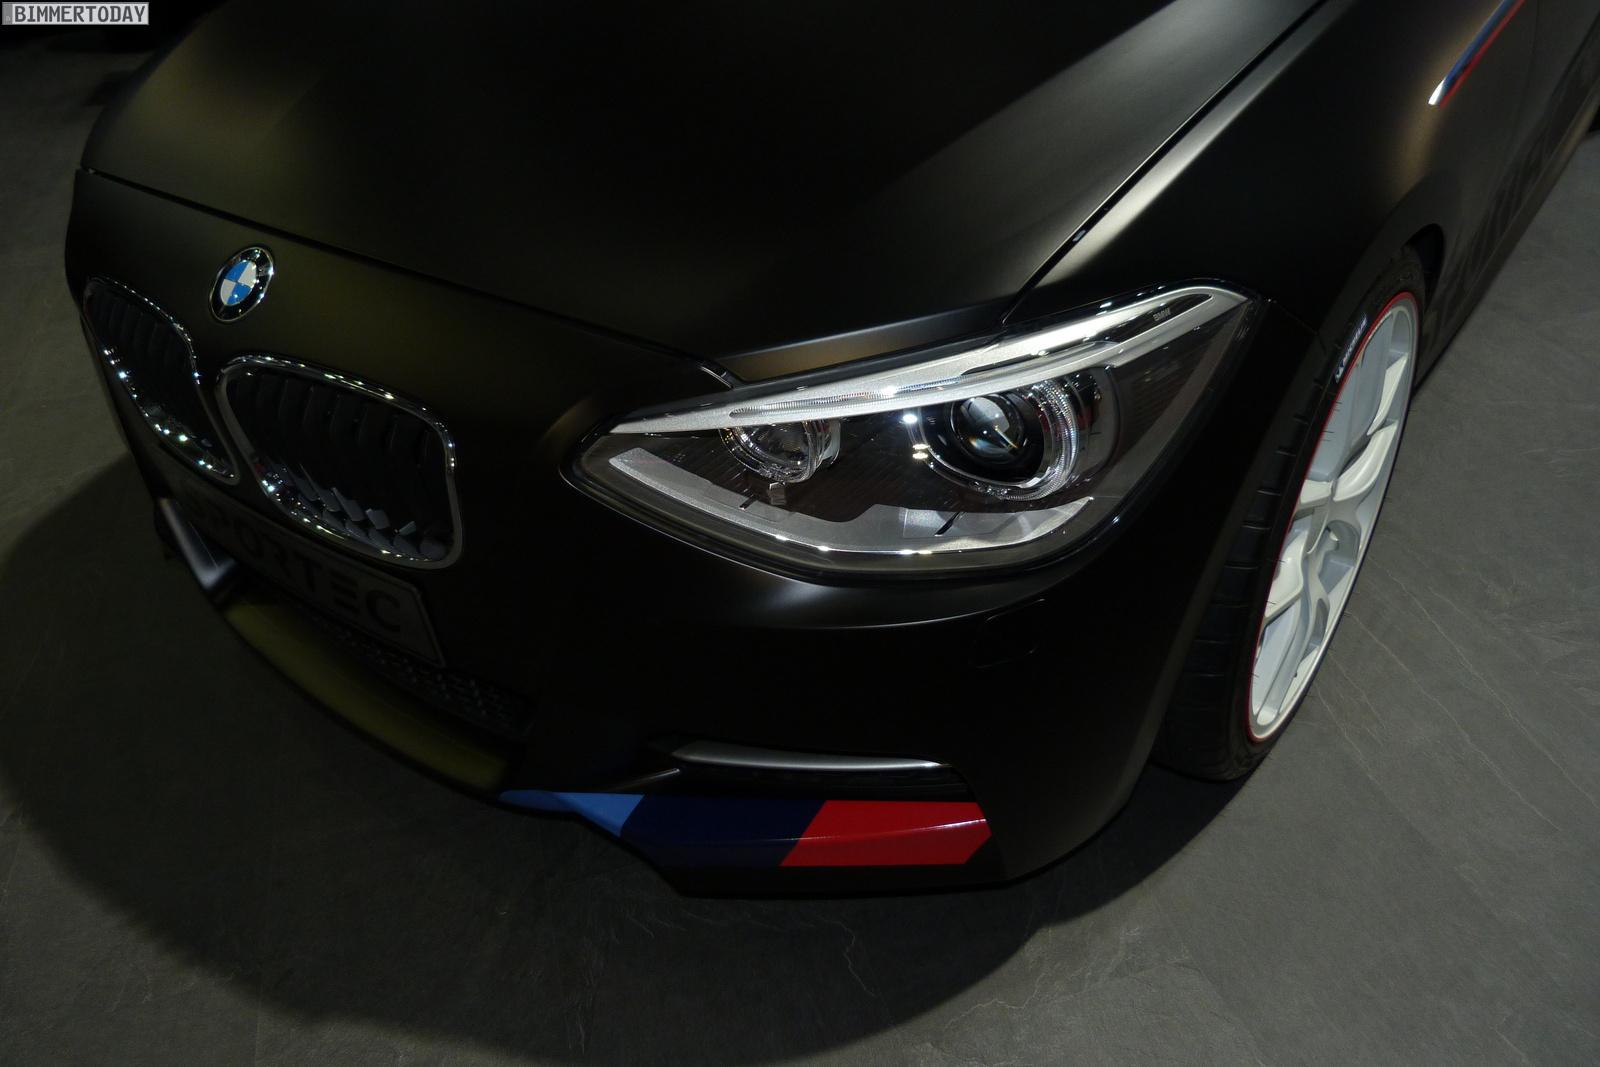 Sportec BMW M135i Tuning 370PS Autosalon Genf 2013 LIVE 12